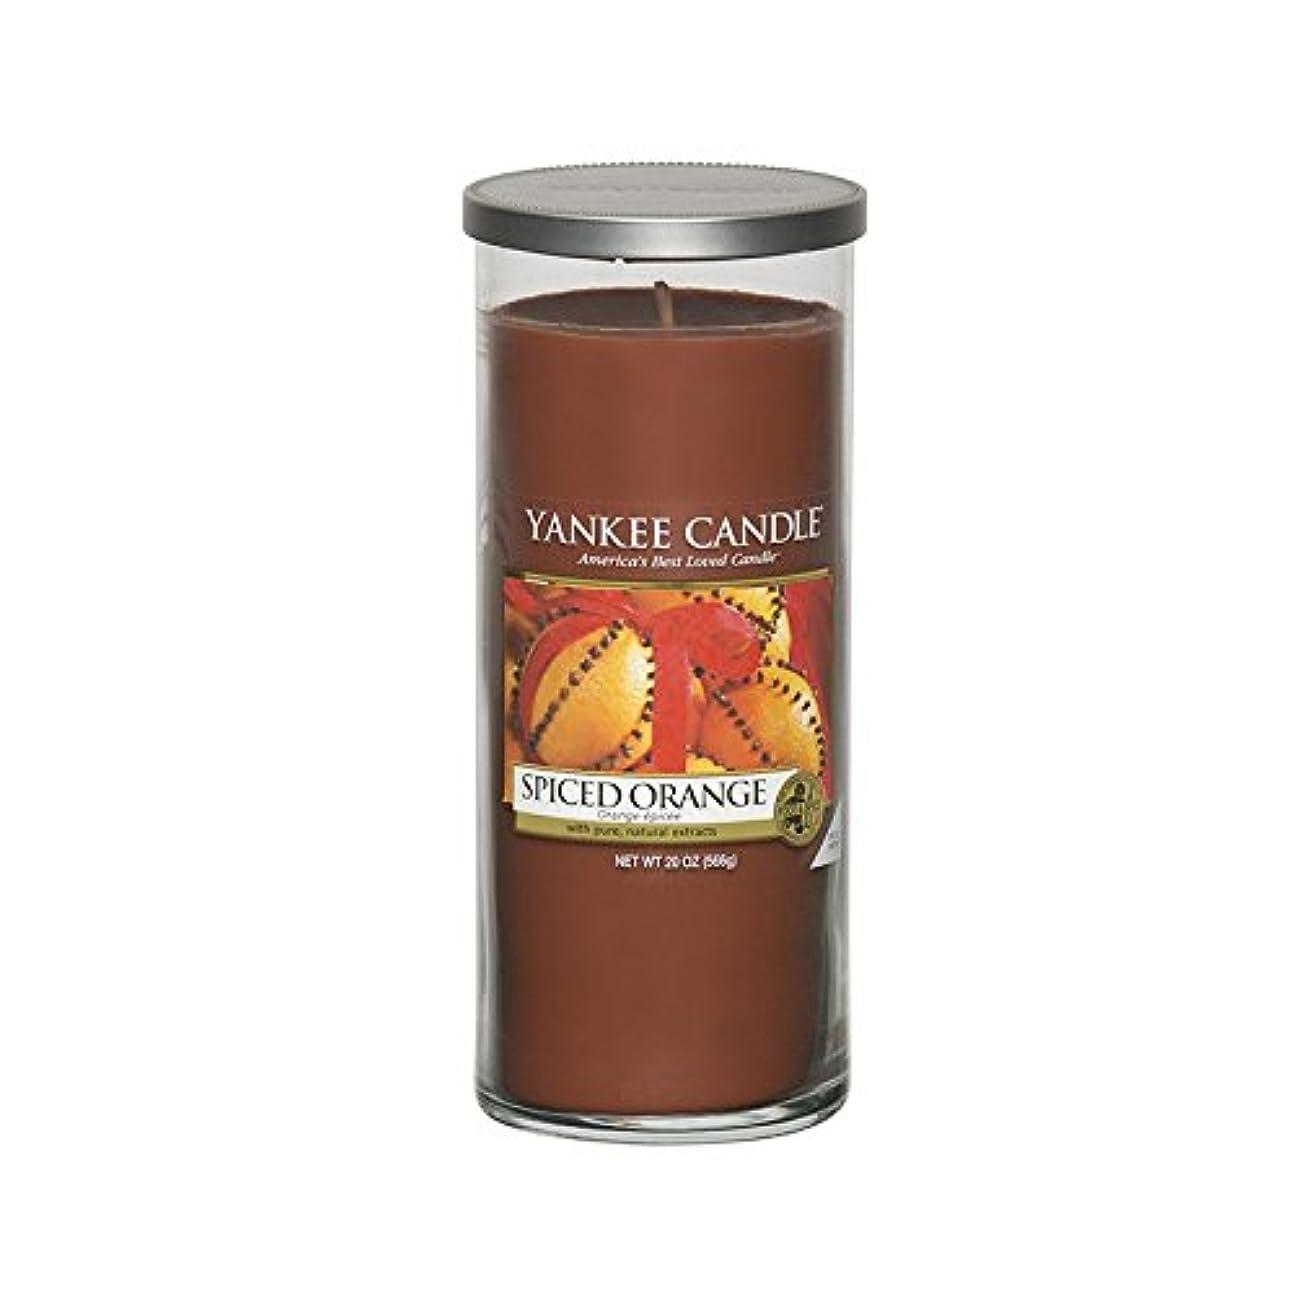 パイロットロマンス女の子Yankee Candles Large Pillar Candle - Spiced Orange (Pack of 2) - ヤンキーキャンドル大きな柱キャンドル - スパイスオレンジ (x2) [並行輸入品]